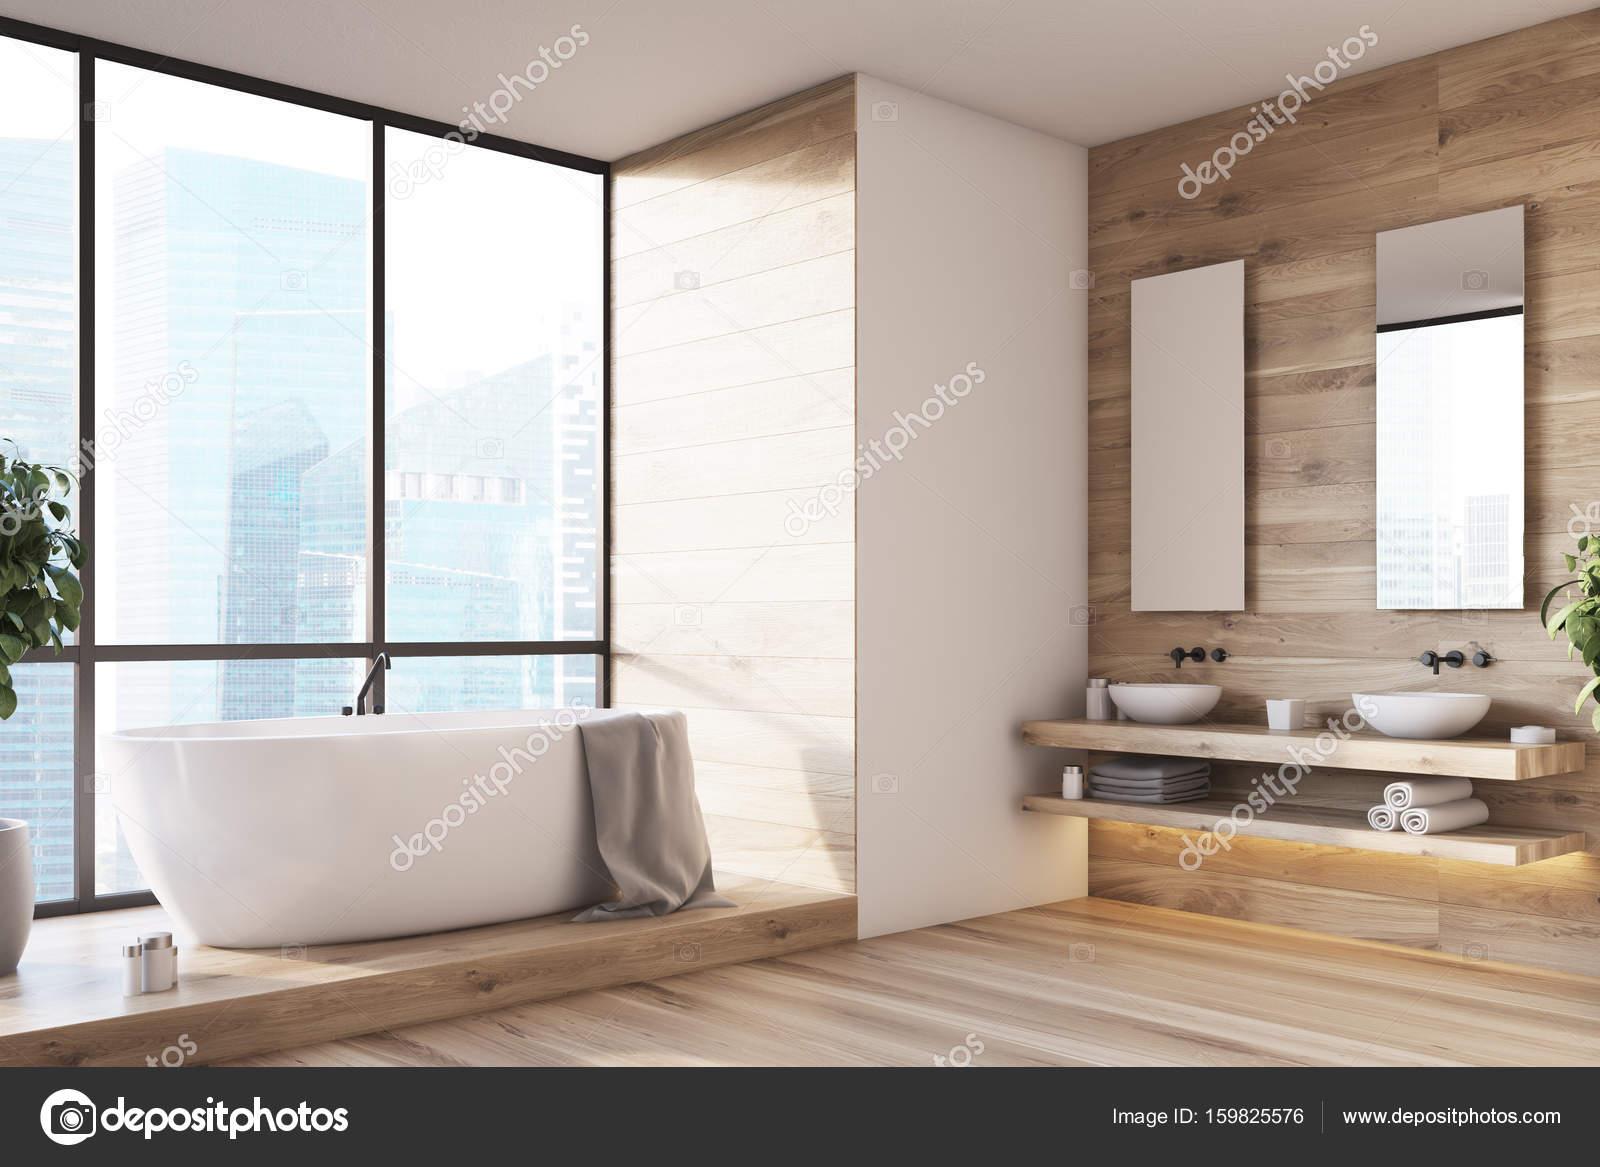 groot raam badkamer interieur kant stockfoto